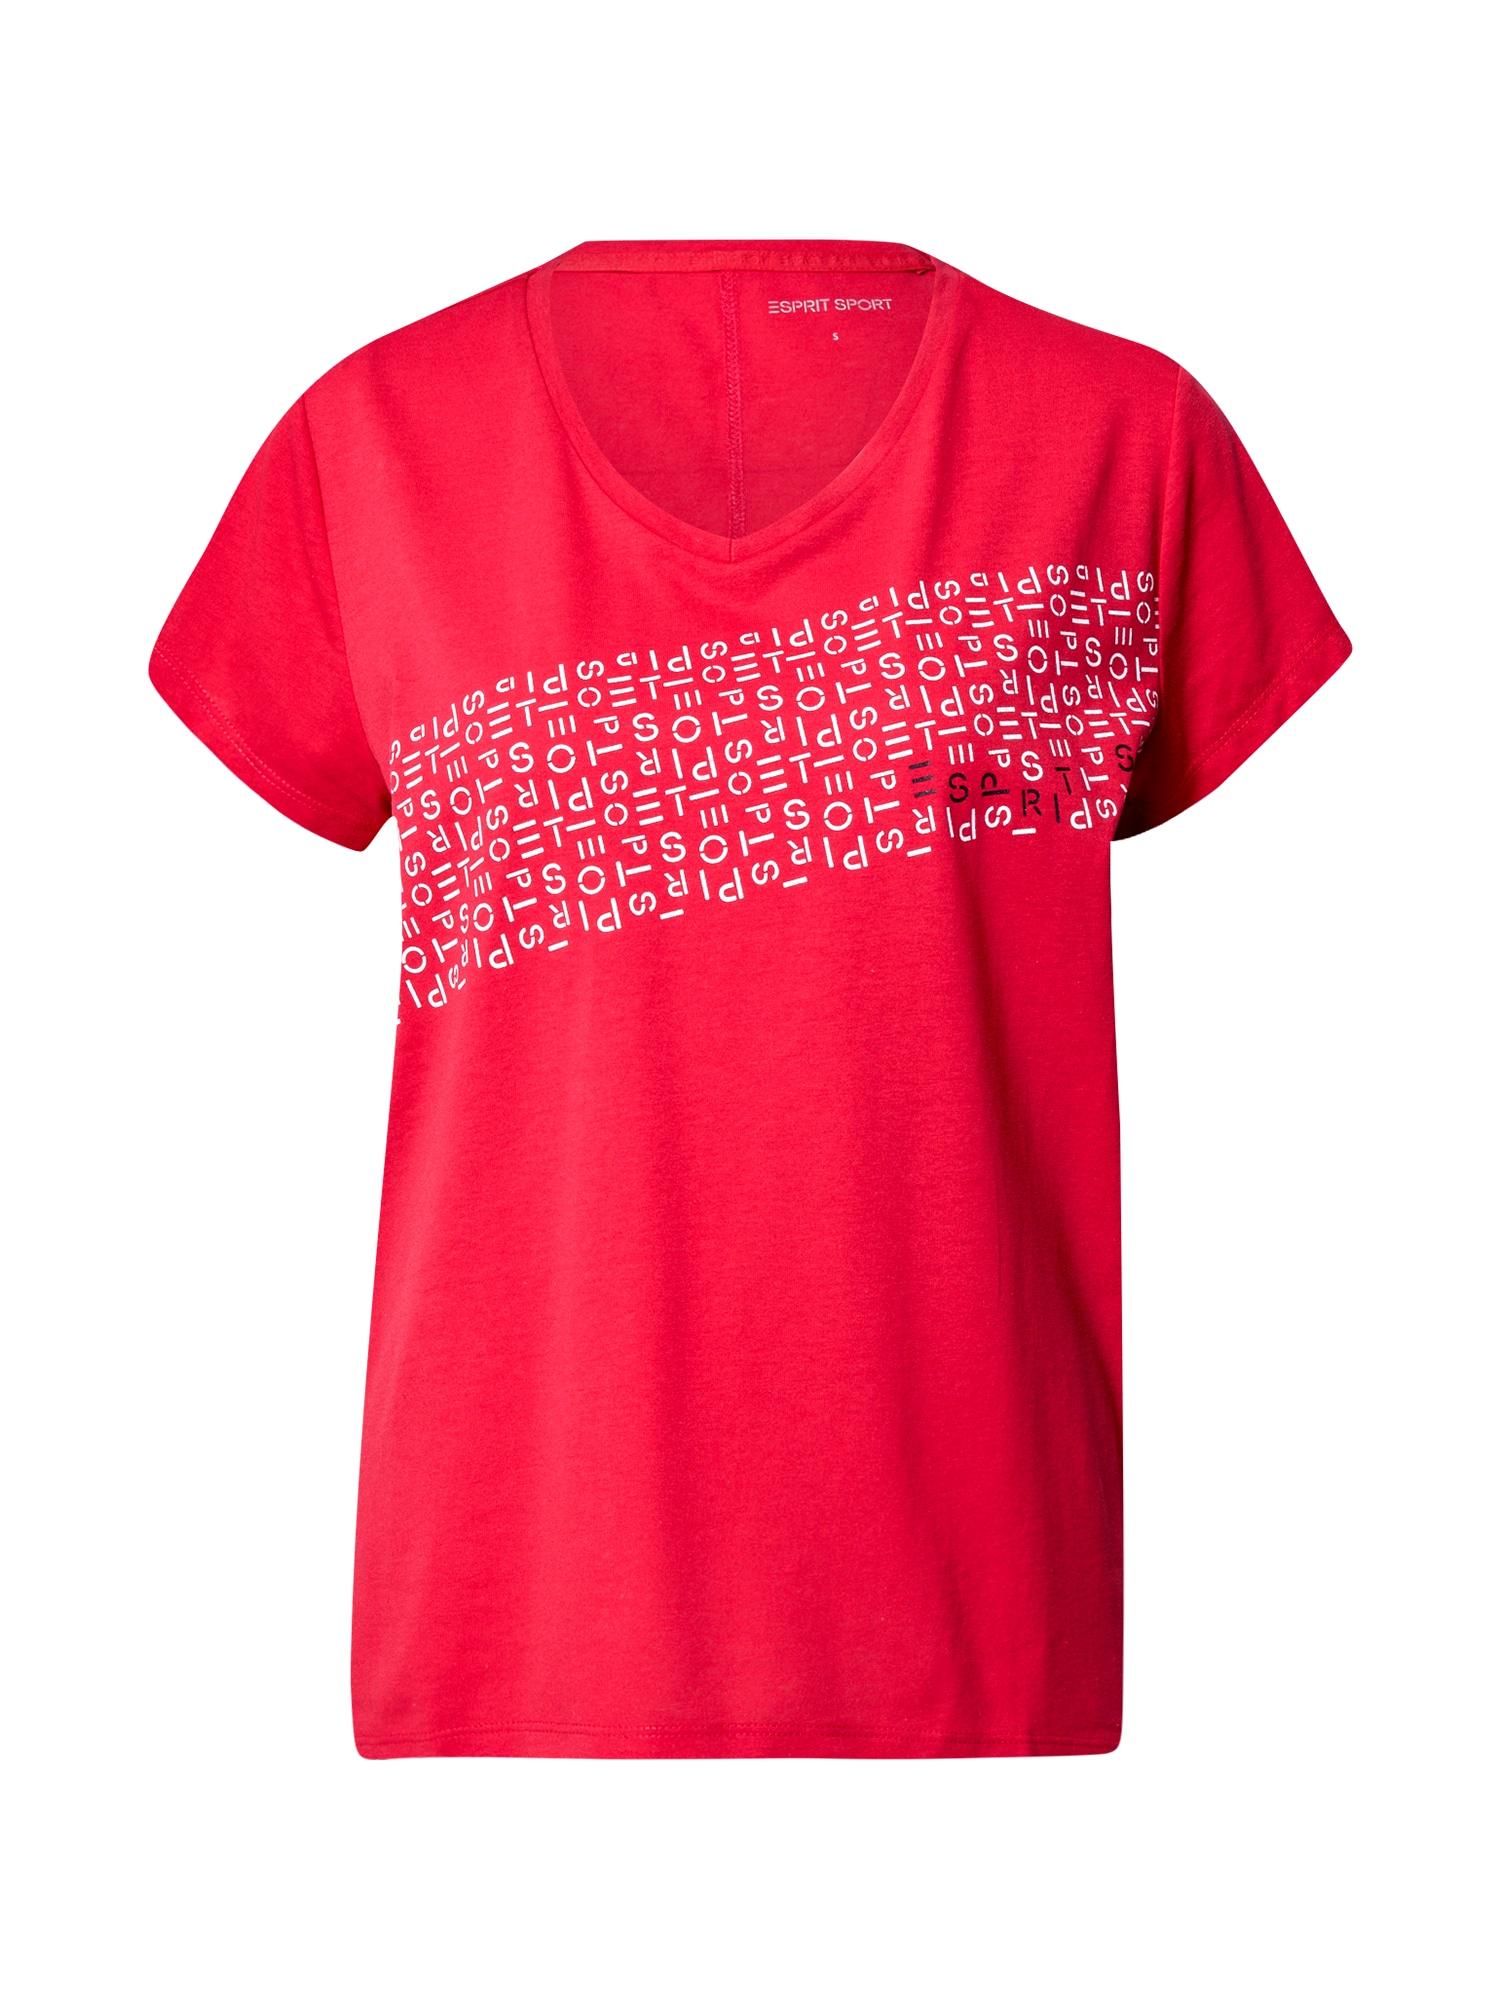 ESPRIT SPORT Sportiniai marškinėliai raudona / balta